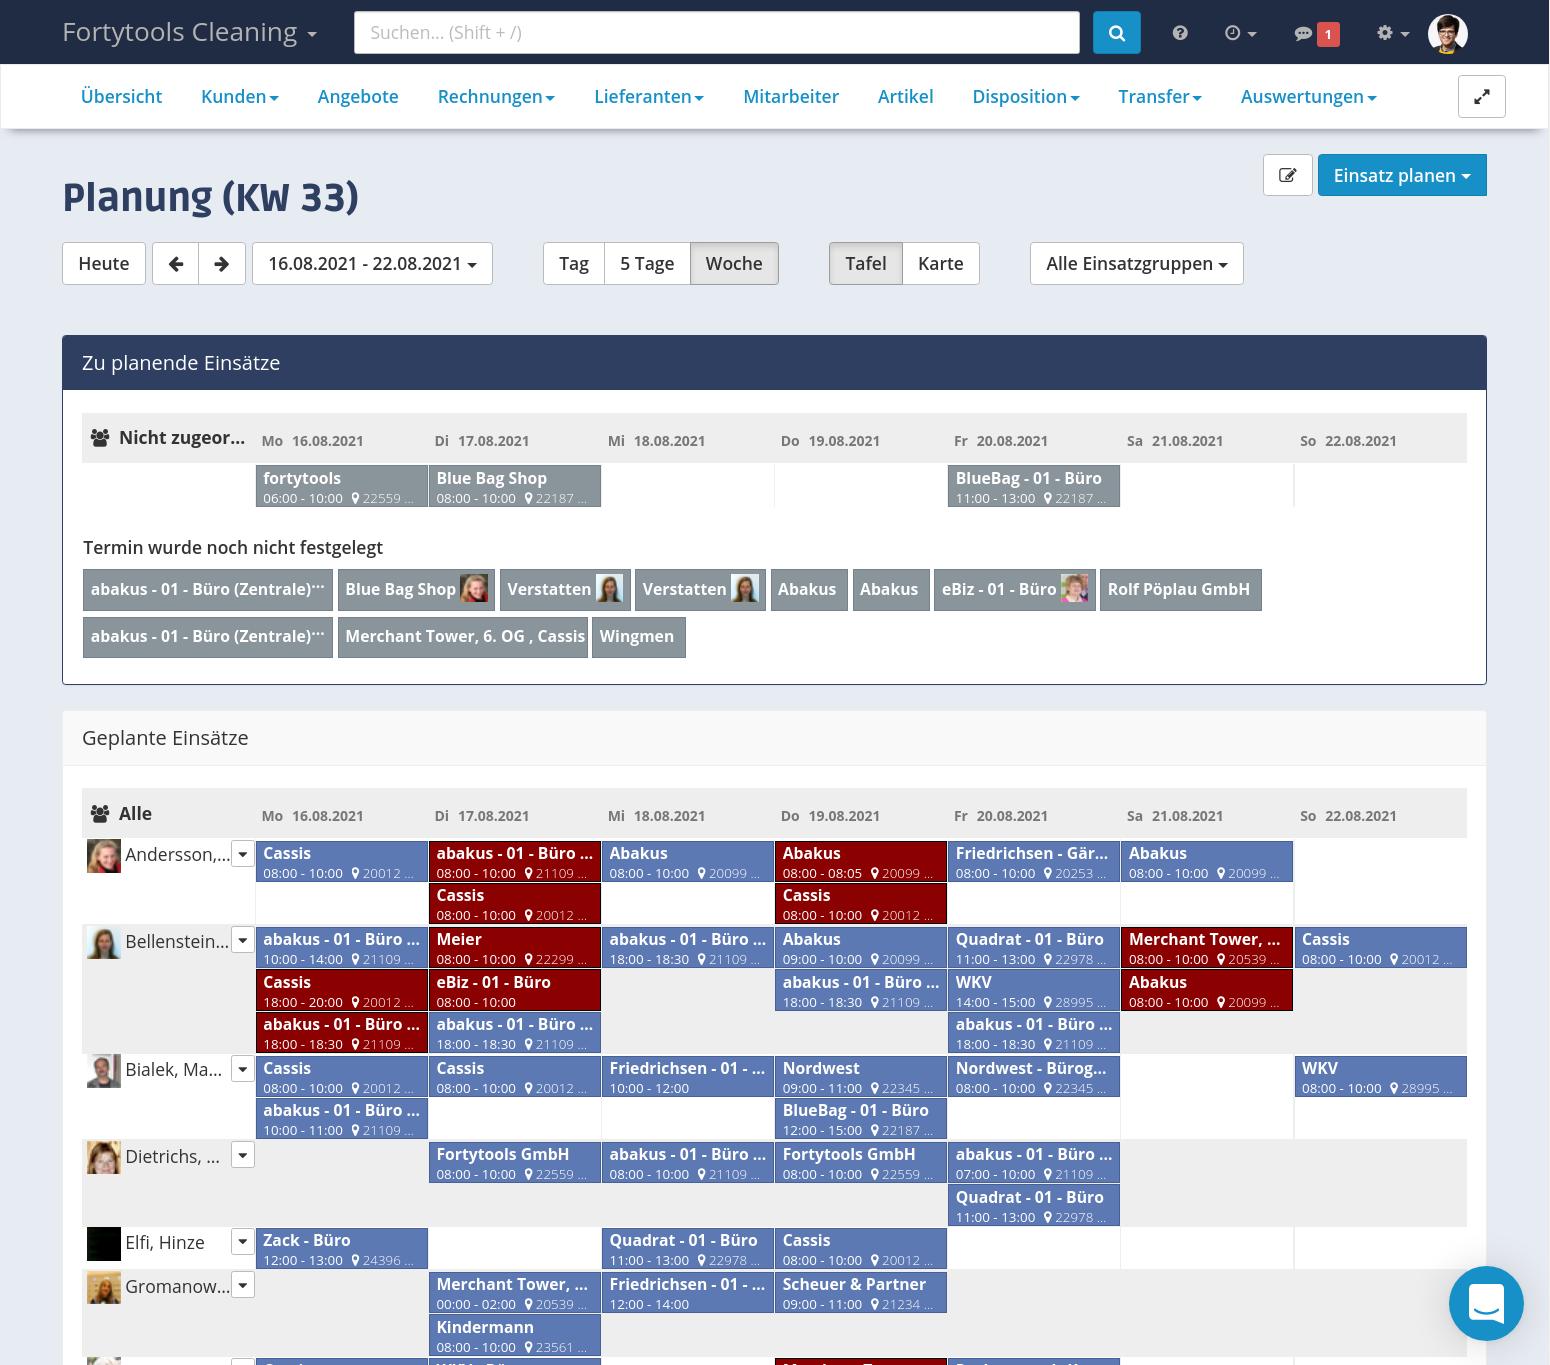 Die Einsatzplanung ist das Herzstück um Ihre Mitarbeitenden auf Kundenaufträge und -termine zu planen. Übersichtlich, schnell und einfach.